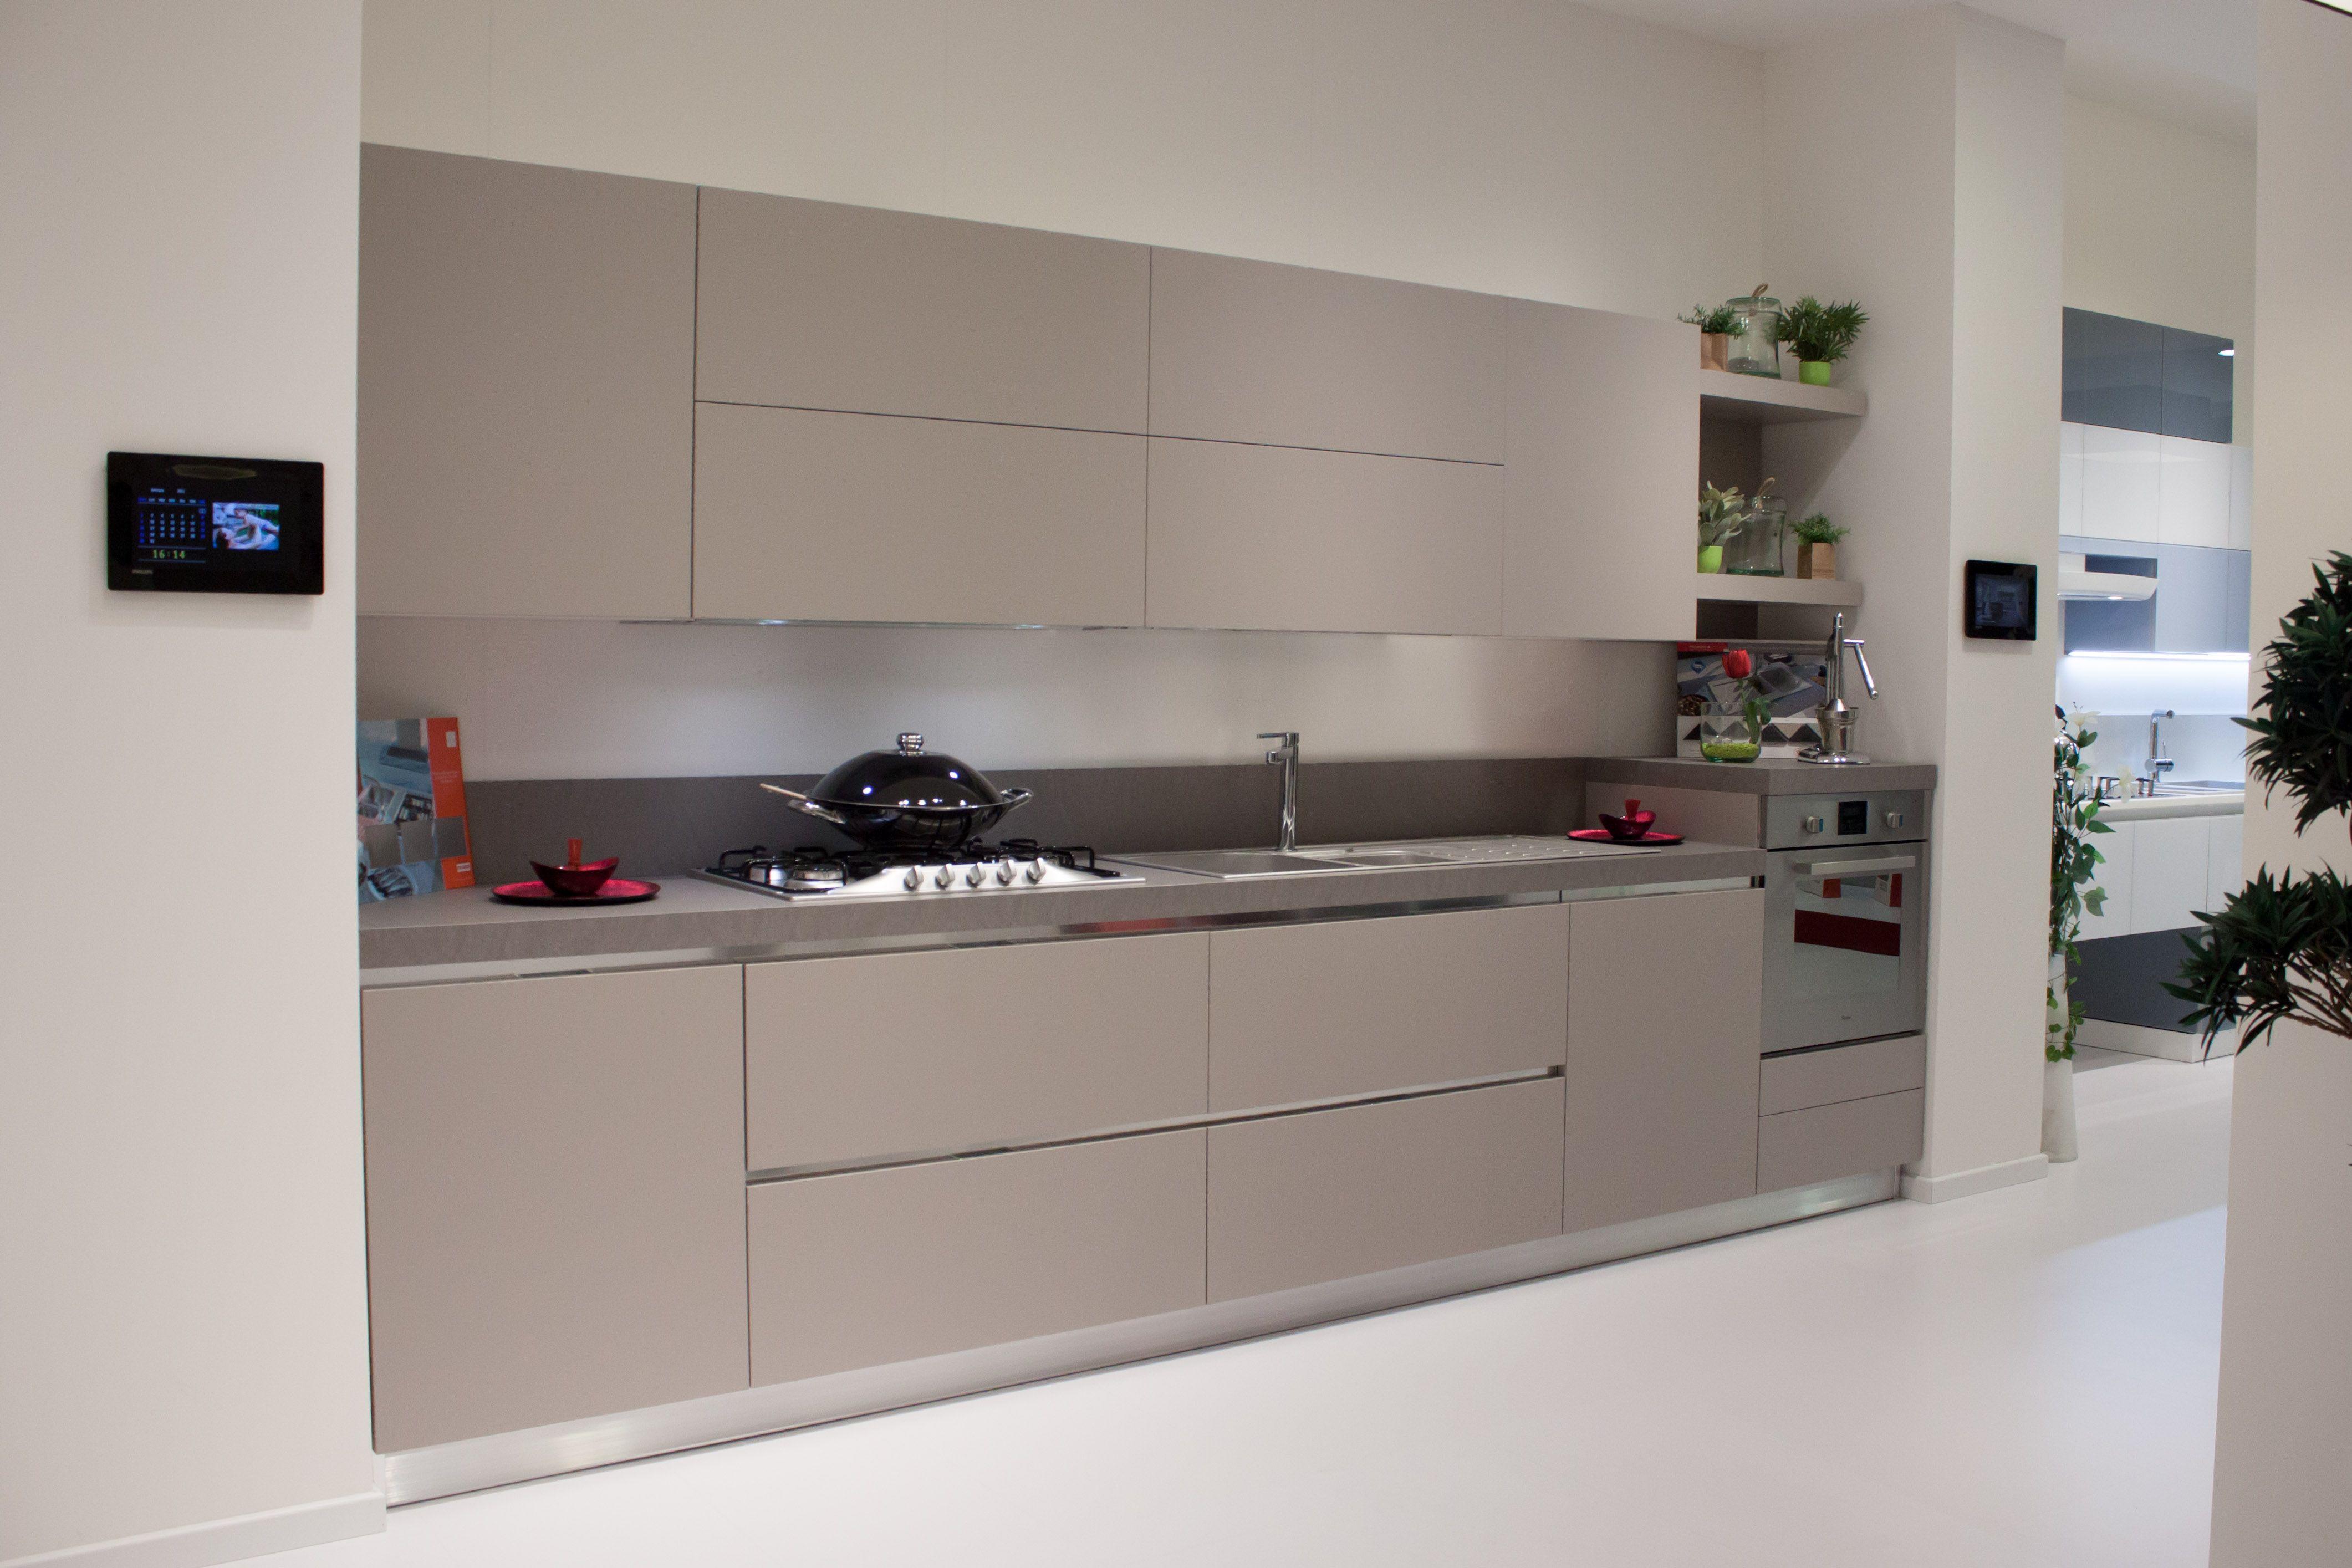 Cucine moderne scavolini in esponisizione nello store di napoli fuorigrotta i kitchen - Cucine kitchen store ...